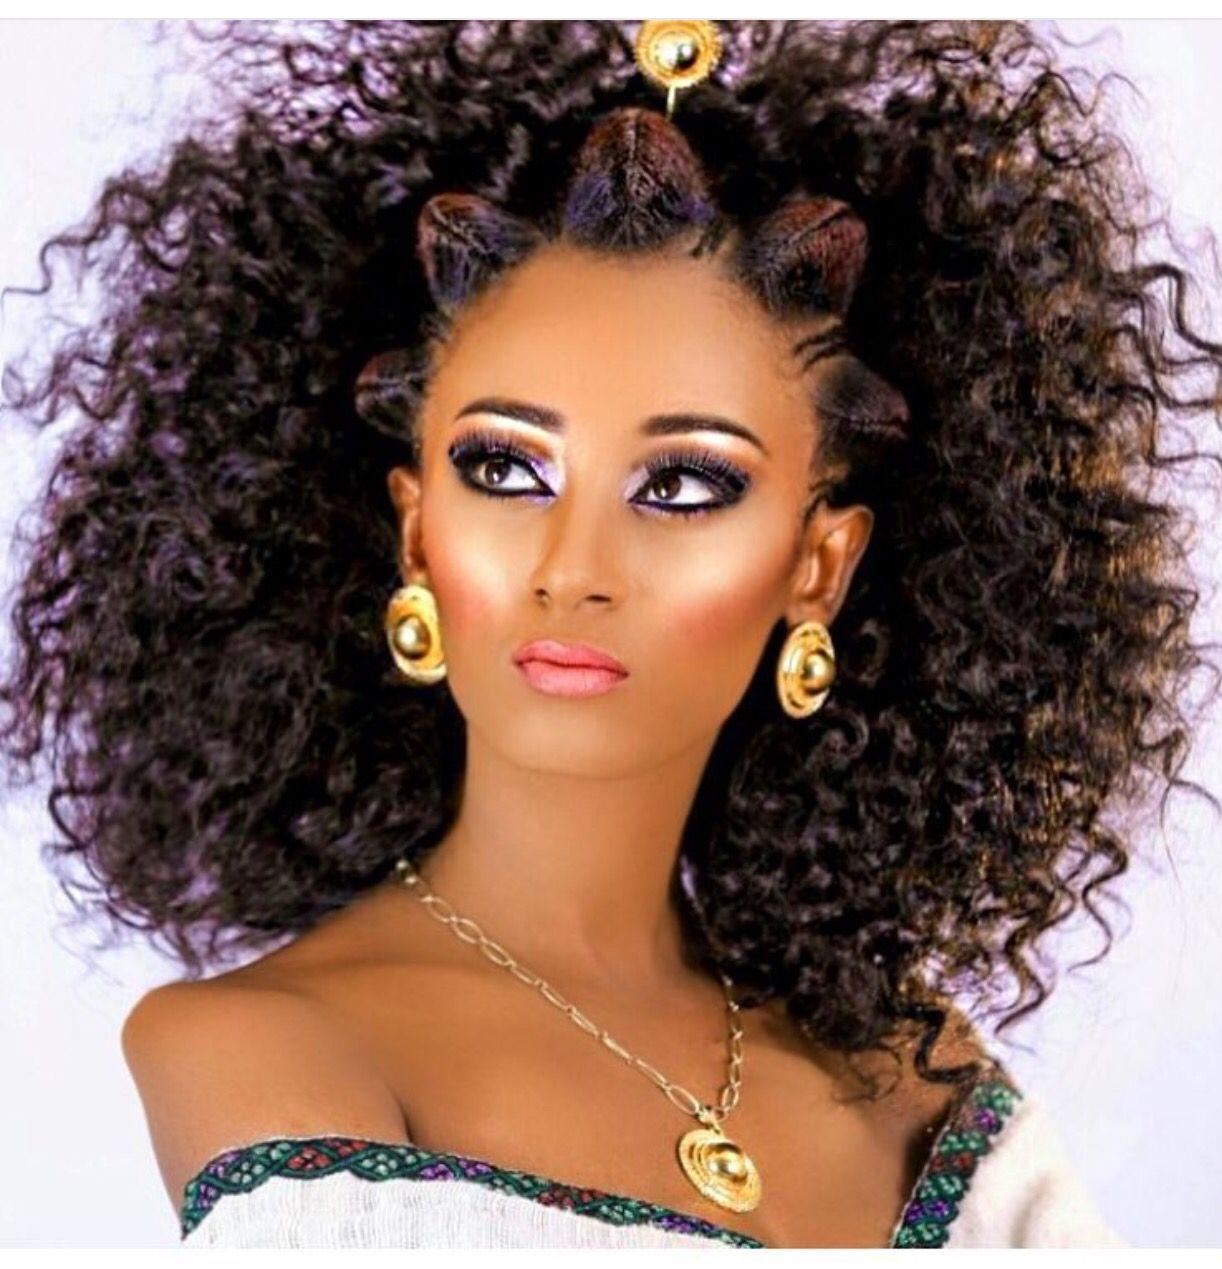 Wedding Hairstyles Ethiopian: Ethiopian Beauty